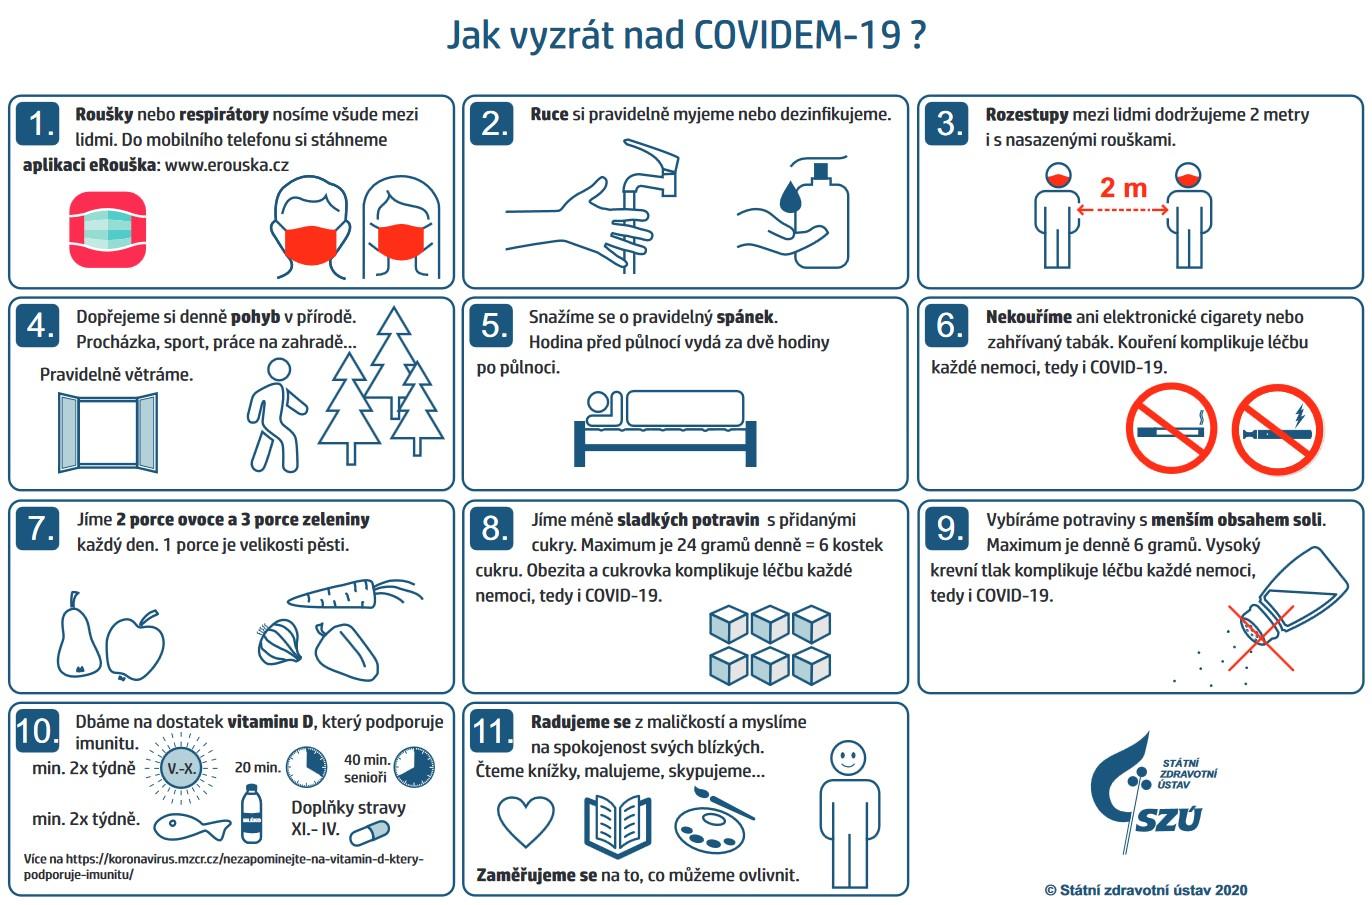 Jak vyzrat nad COVIDEM-19.jpg